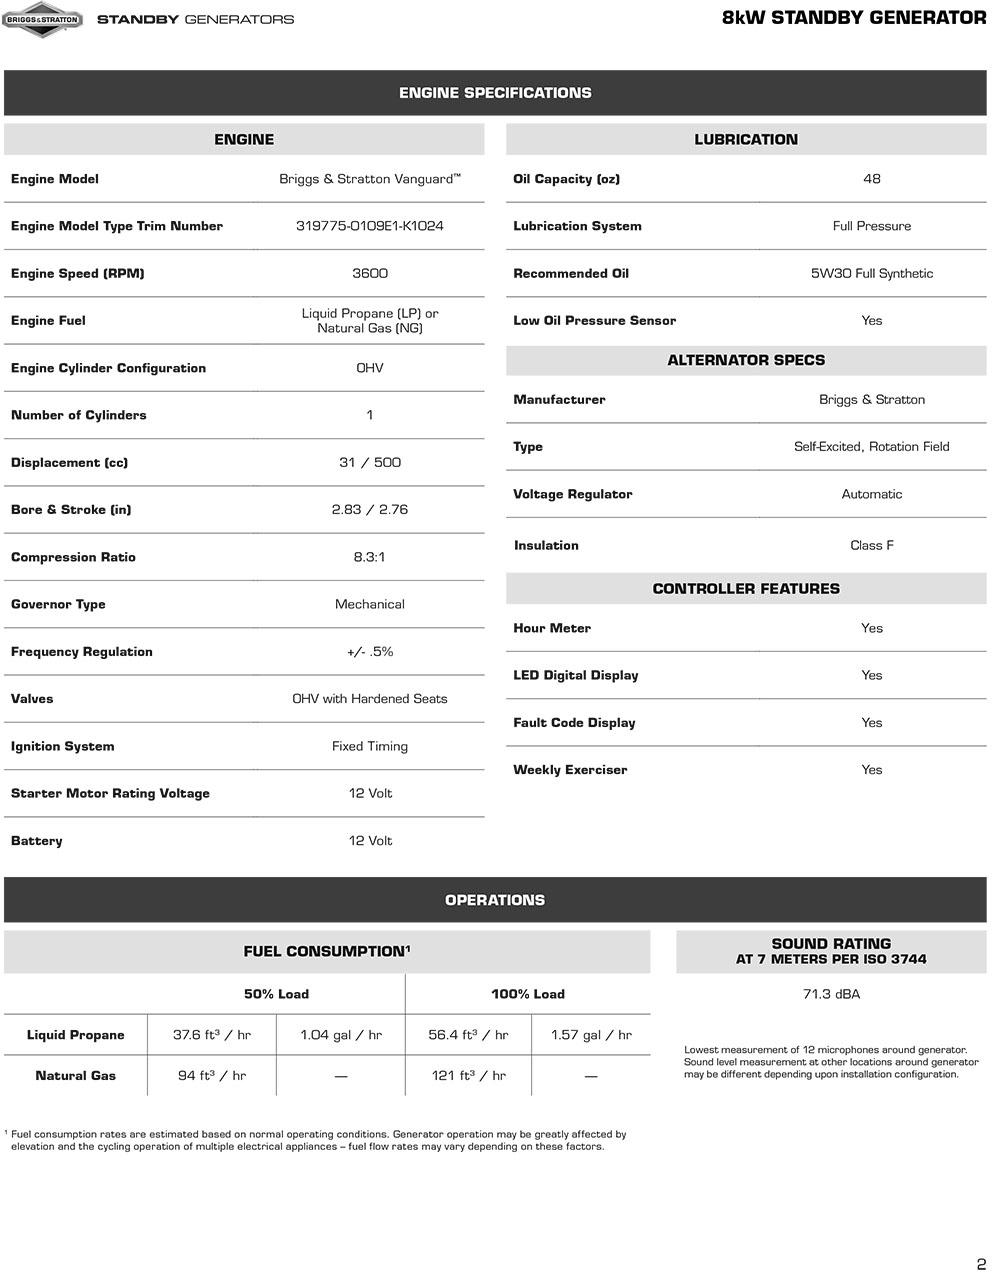 8kW Briggs & Stratton Standby Generator Engine Specs